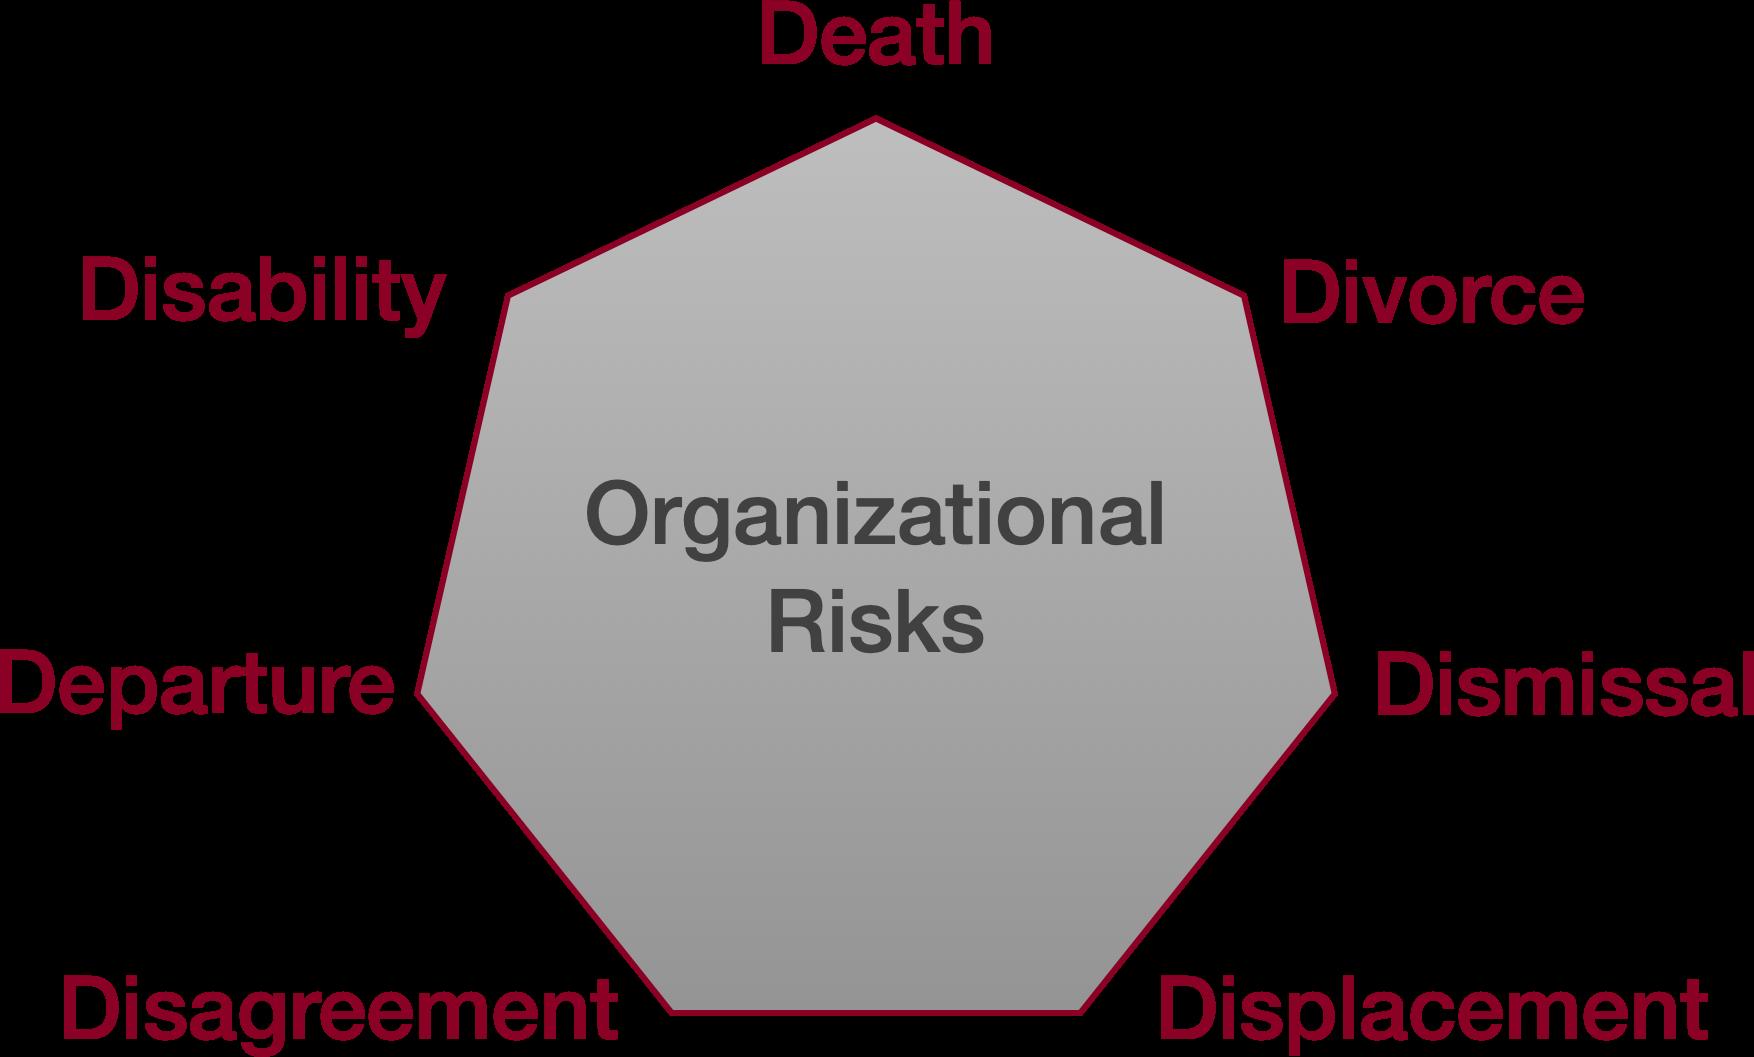 7 Organizational Risks